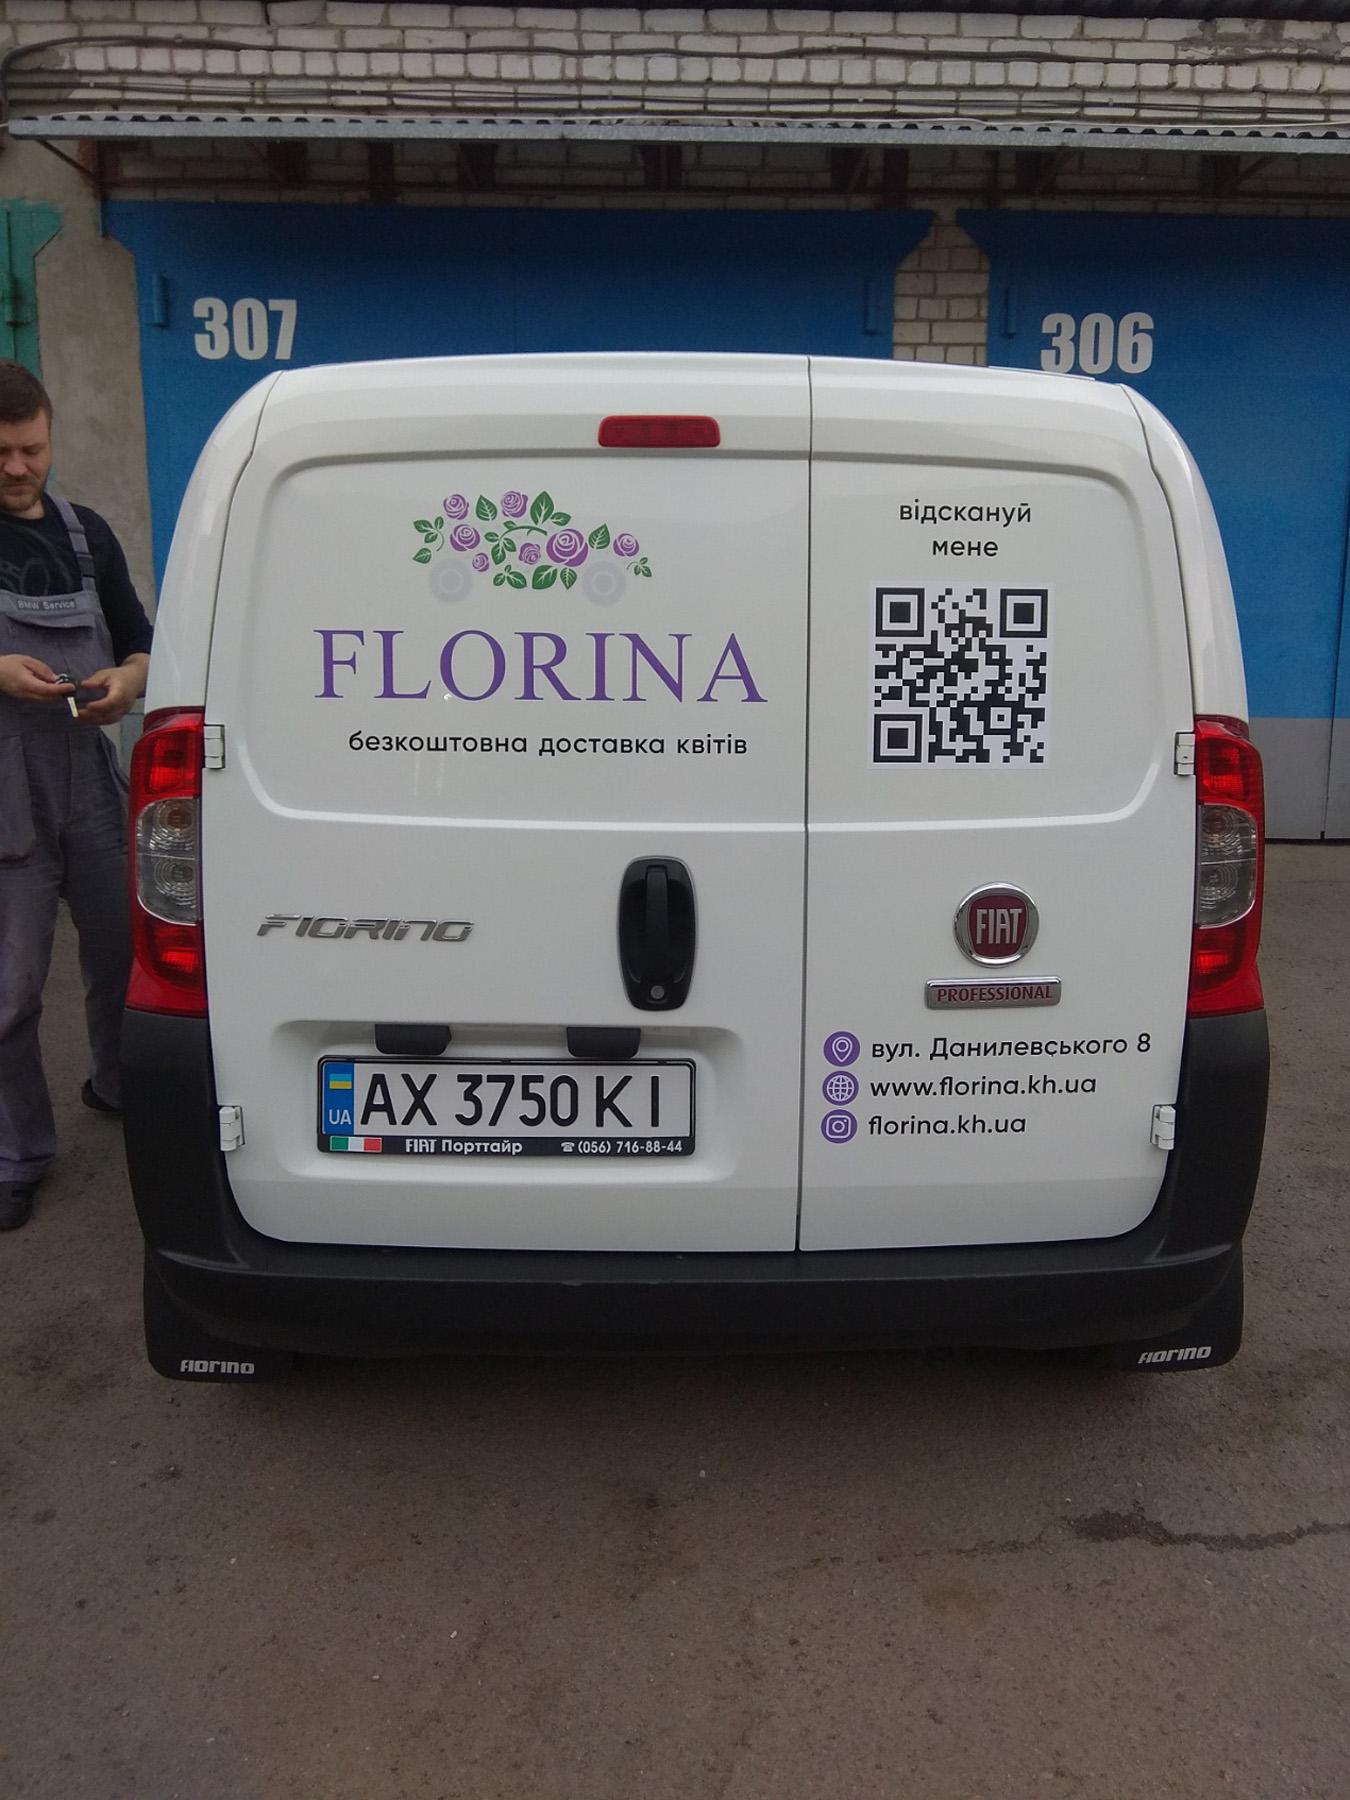 Оклейка машин рекламой для доставки цветов FLORINA